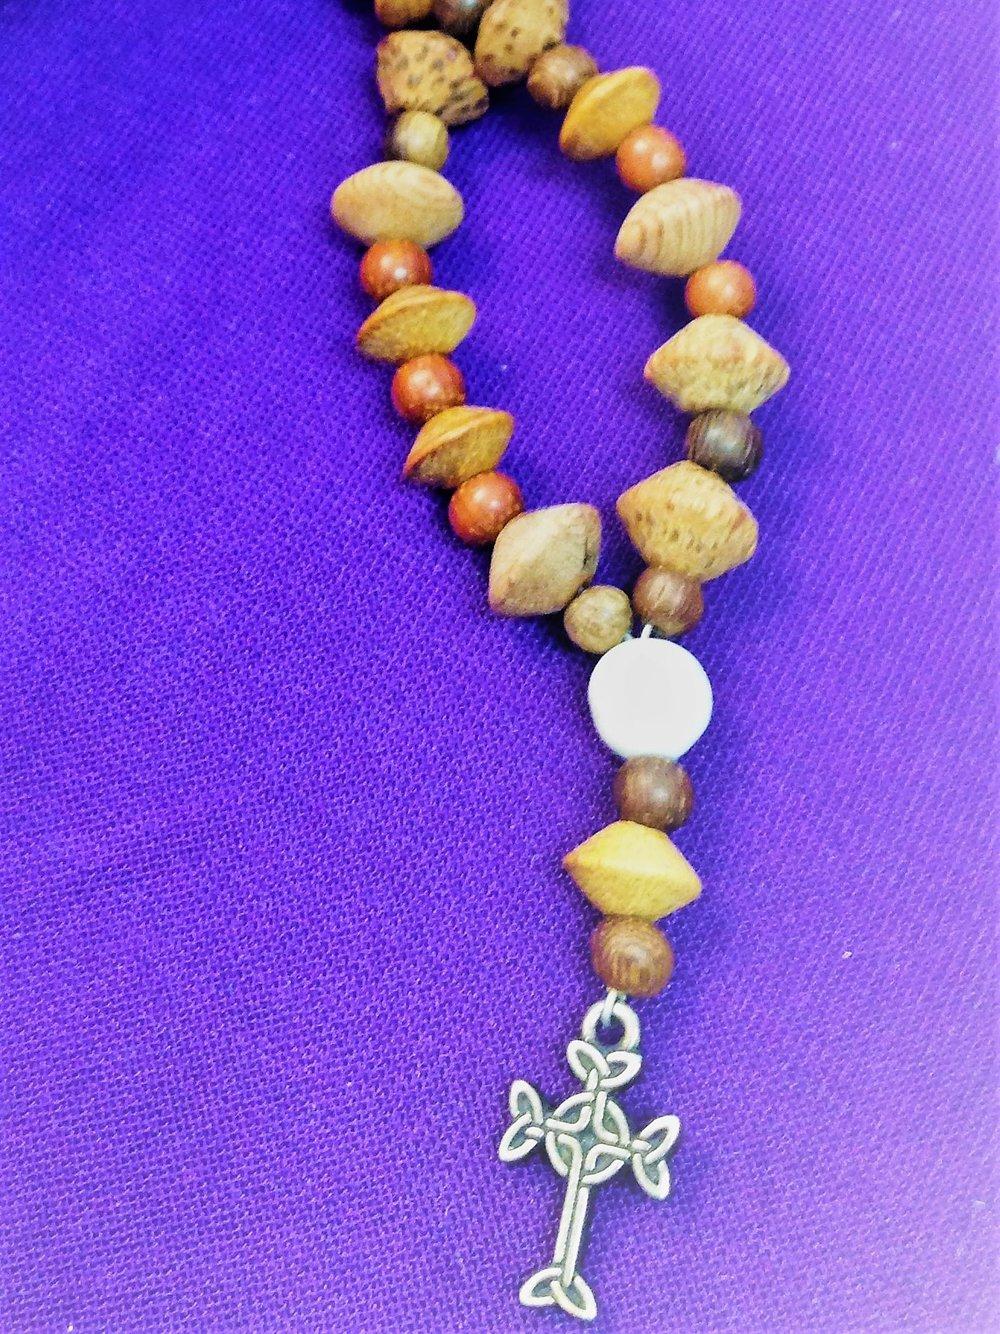 prayerbeads2.jpg